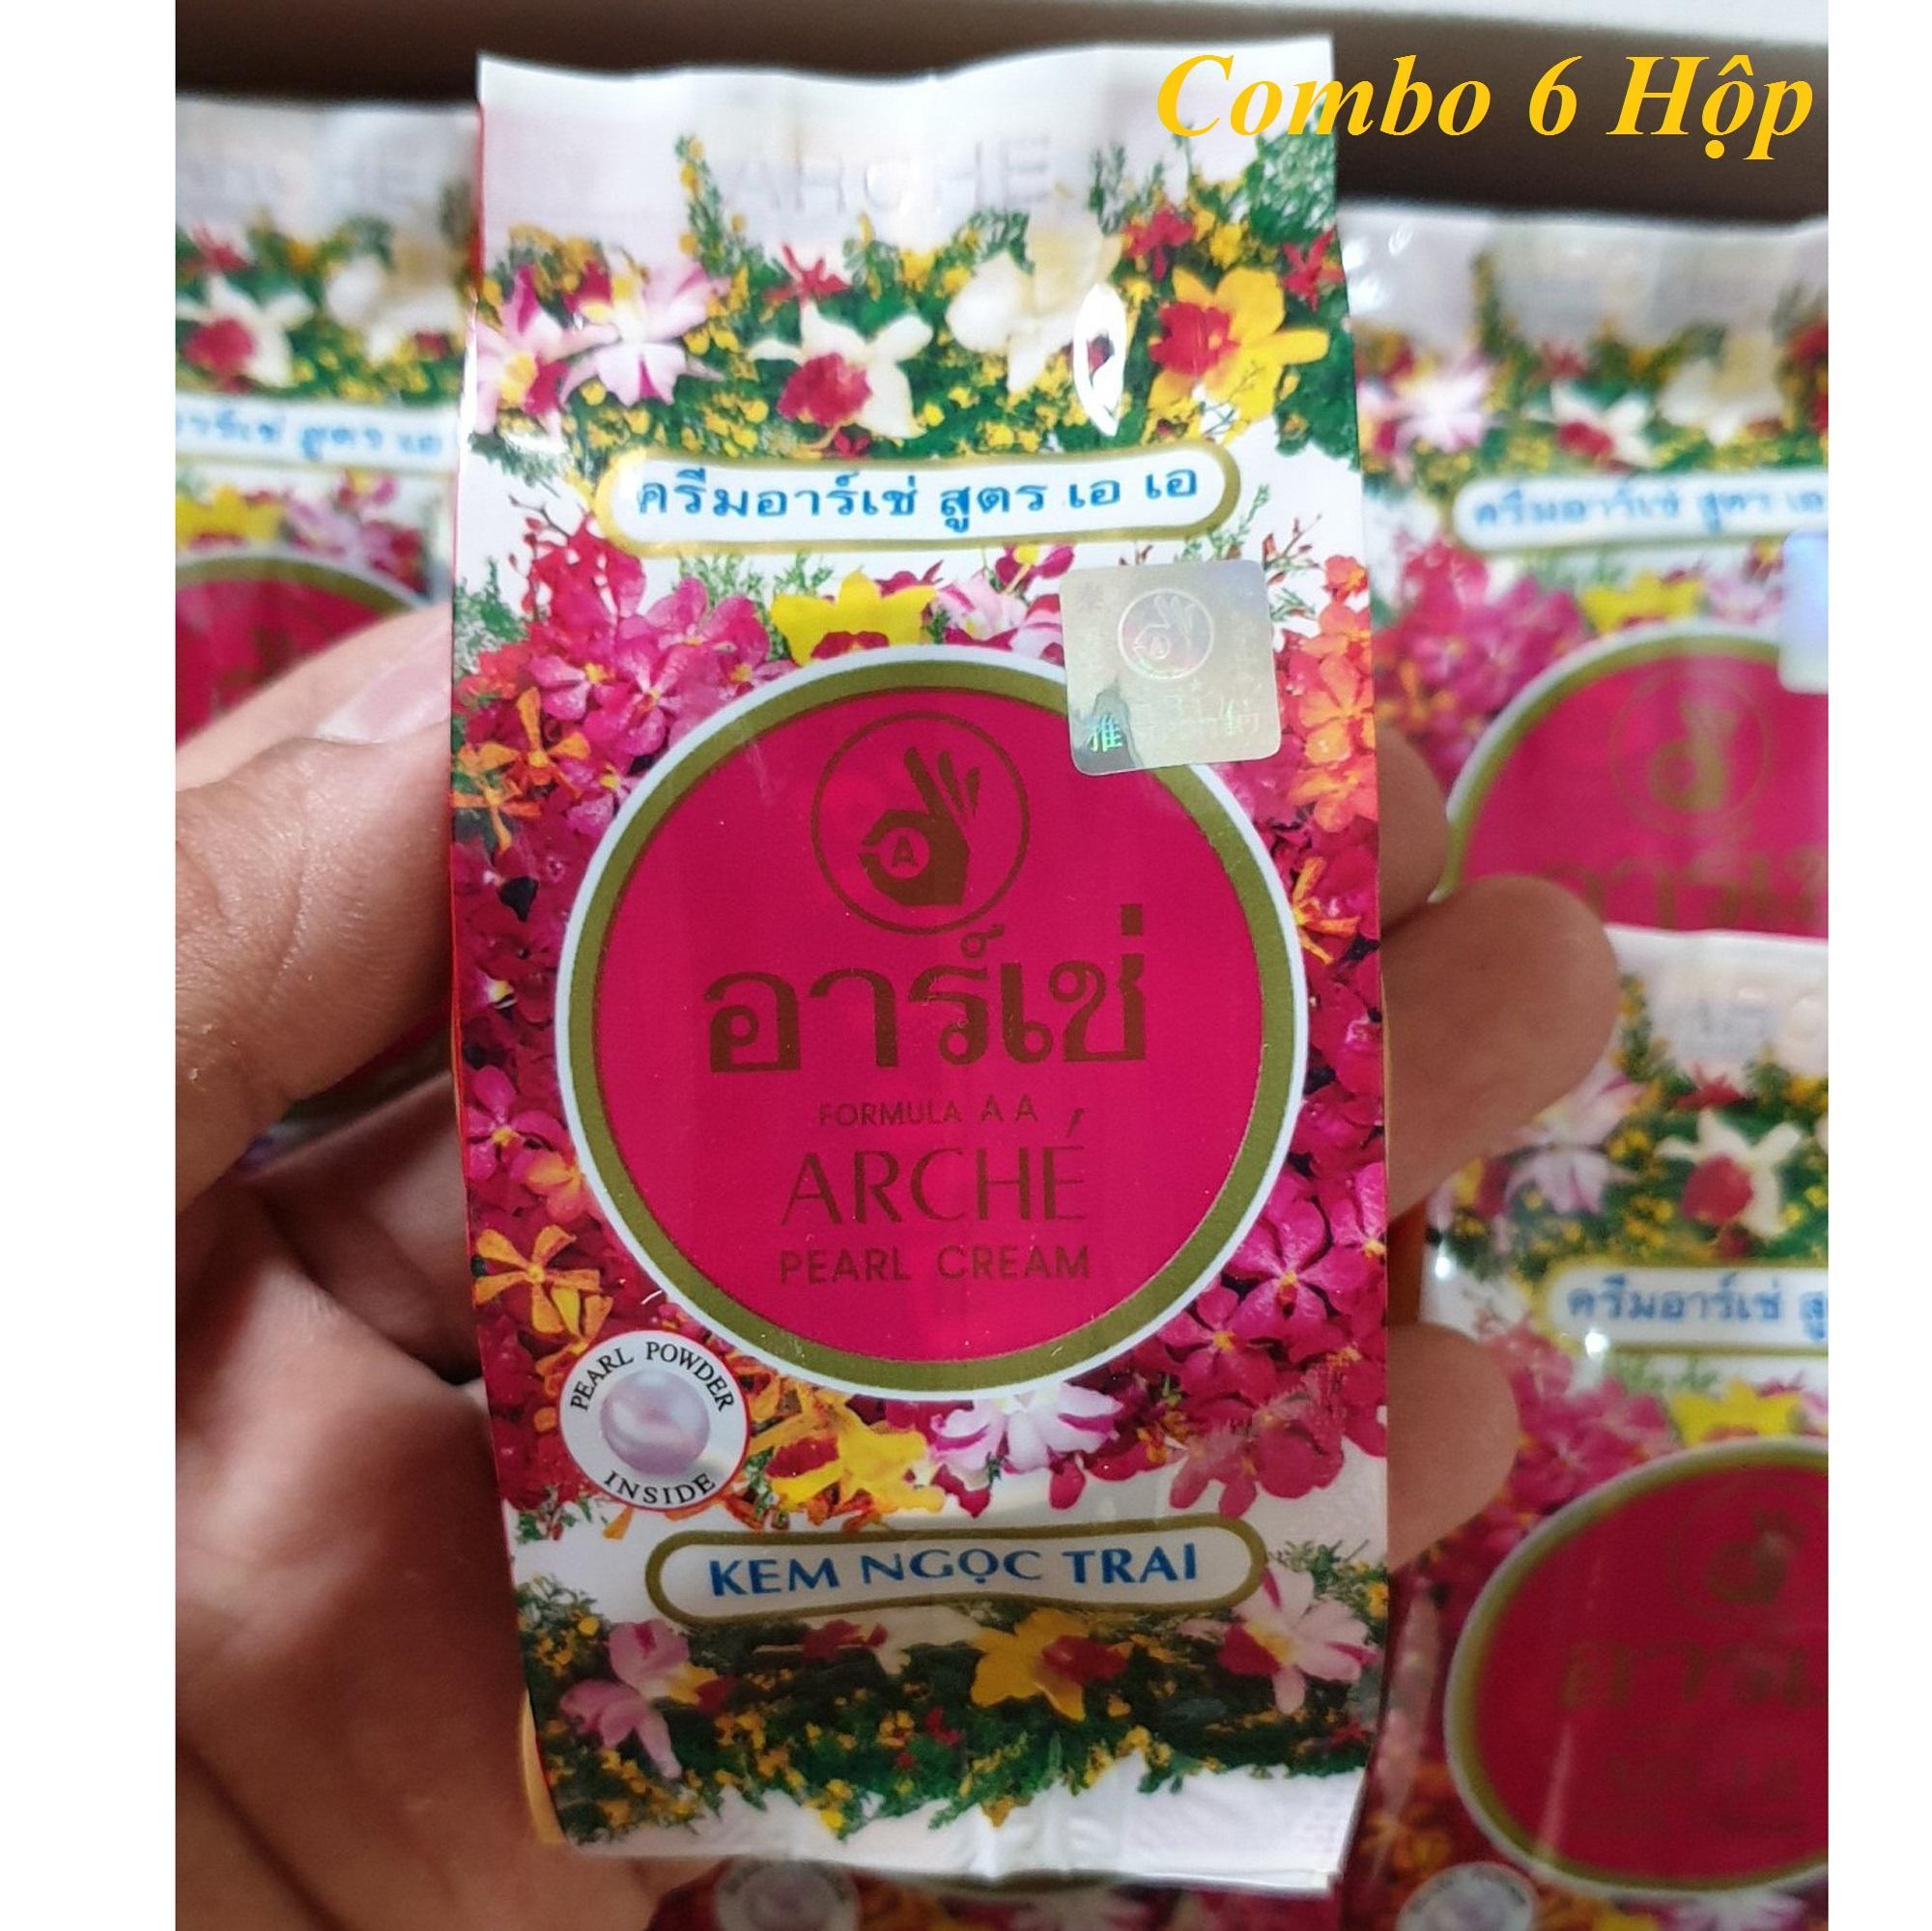 6 Hộp Kem ArChé - Thái Lan - Mới Nhất - 3g - Thanh Loan